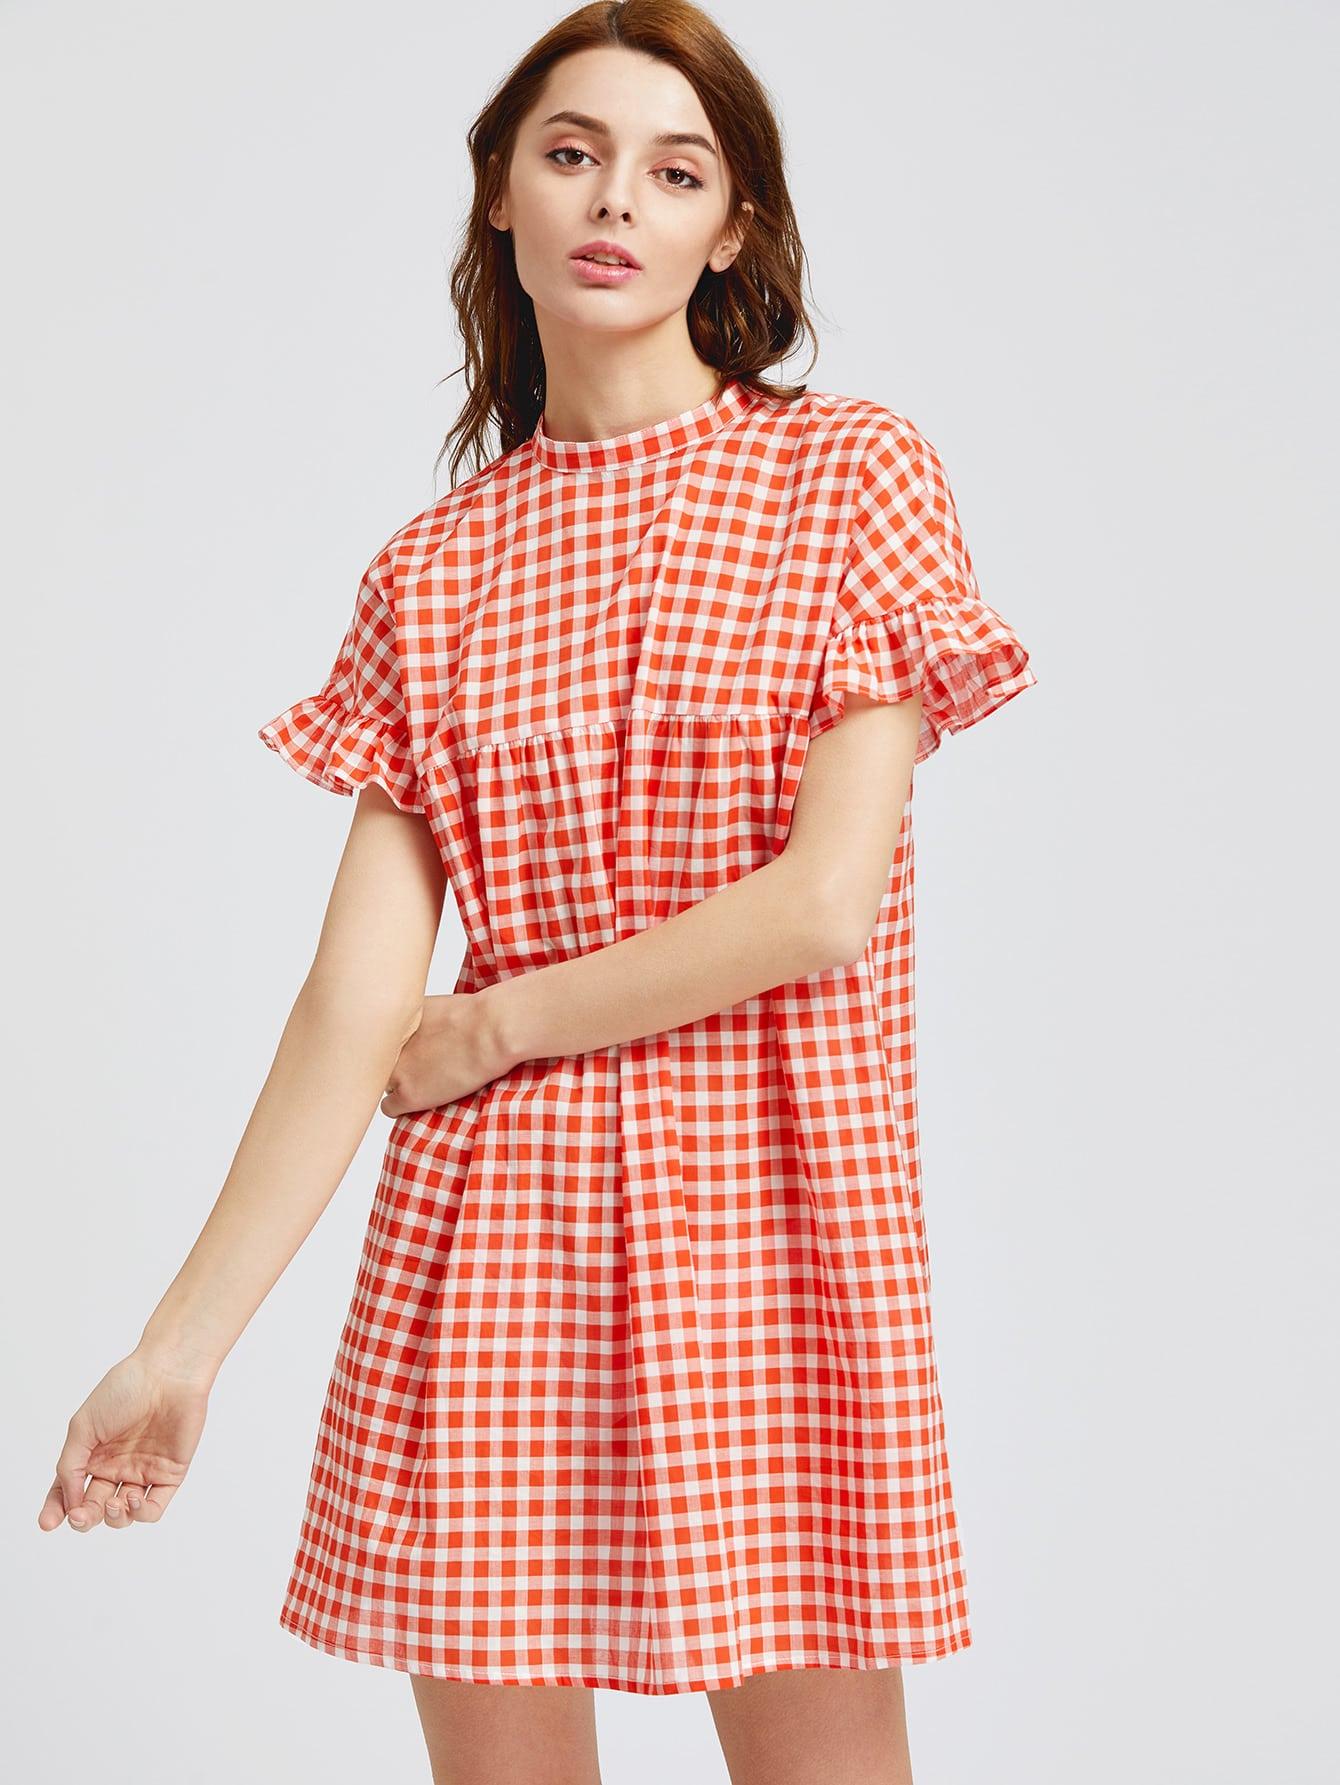 dress170308701_2